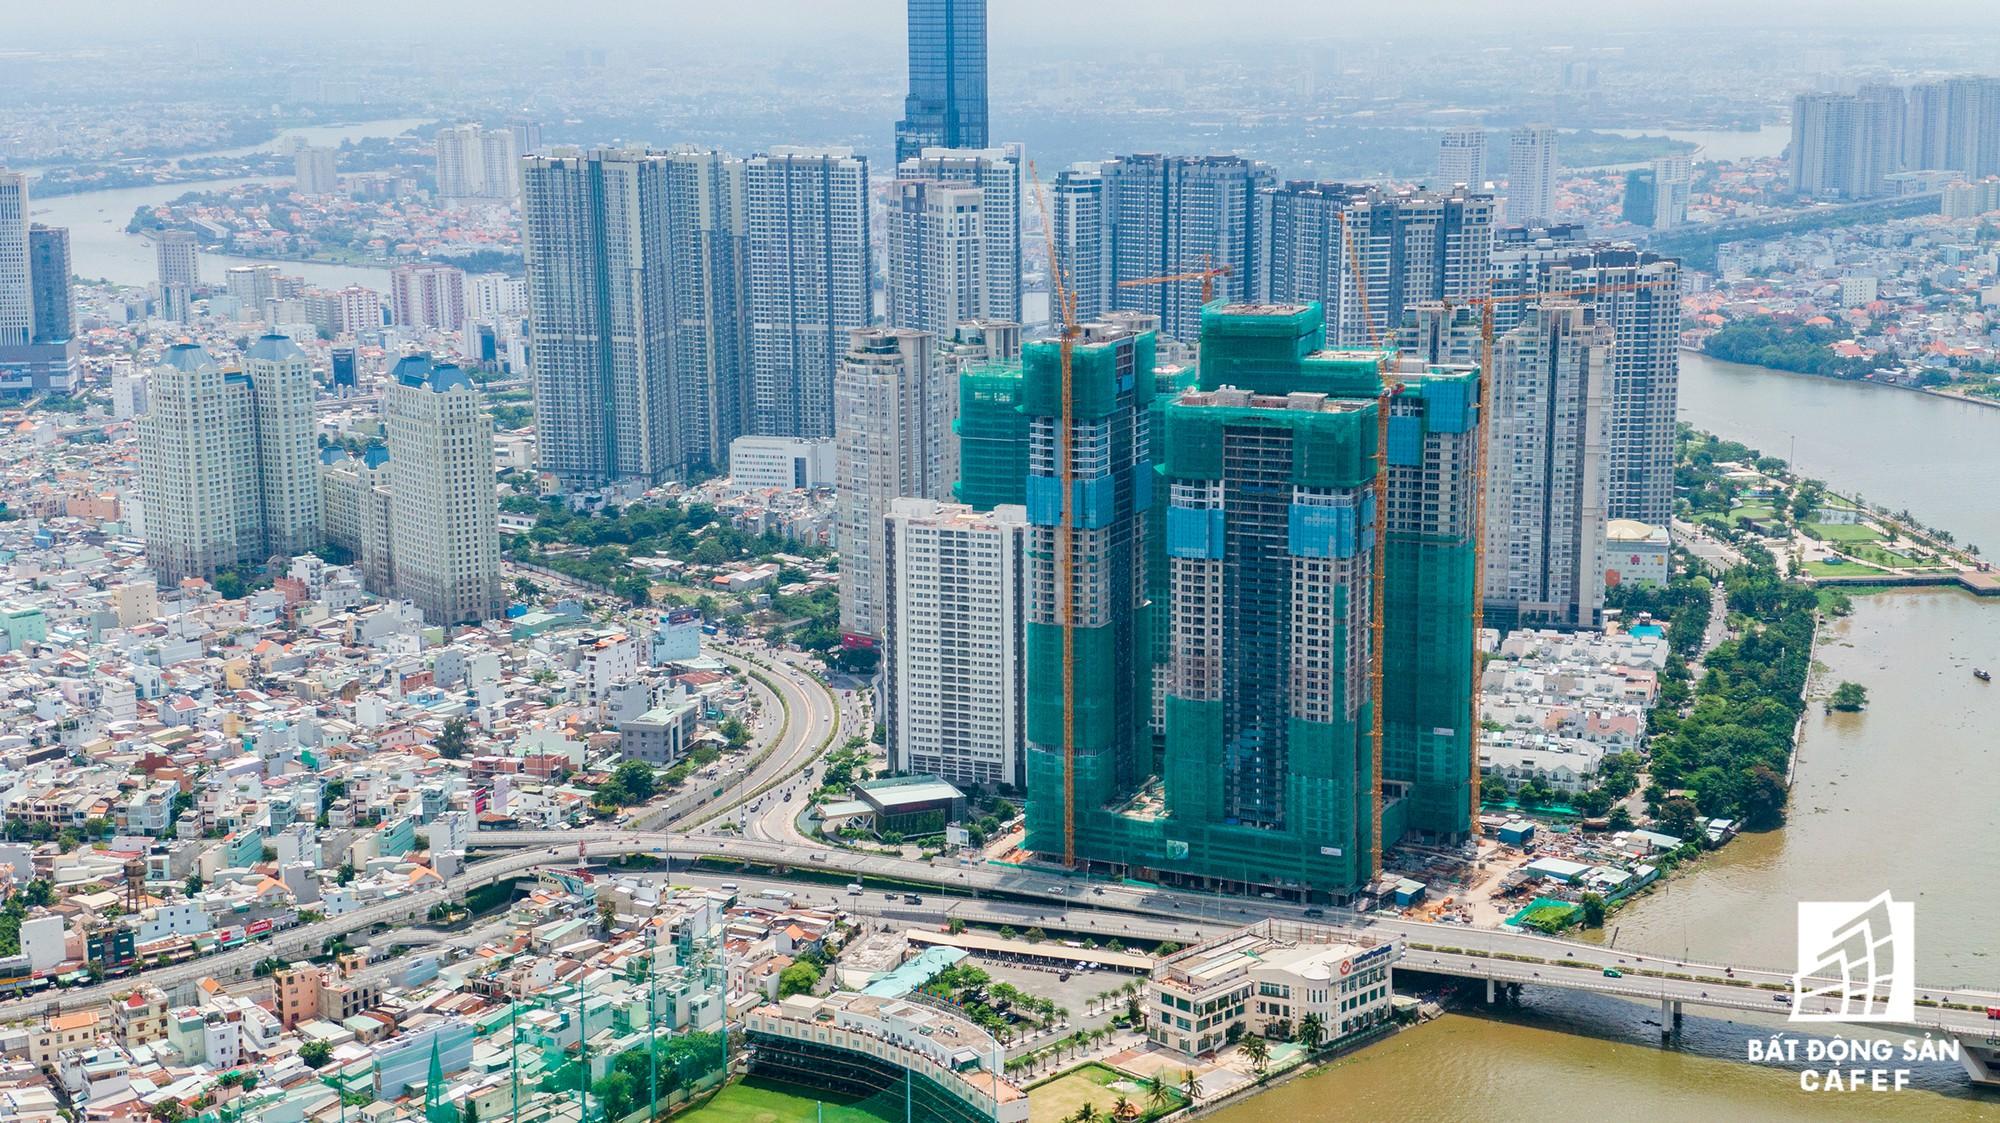 Những cửa ngõ ra vào trung tâm Sài Gòn đang bị 'bóp nghẹt' như thế nào? - Ảnh 4.